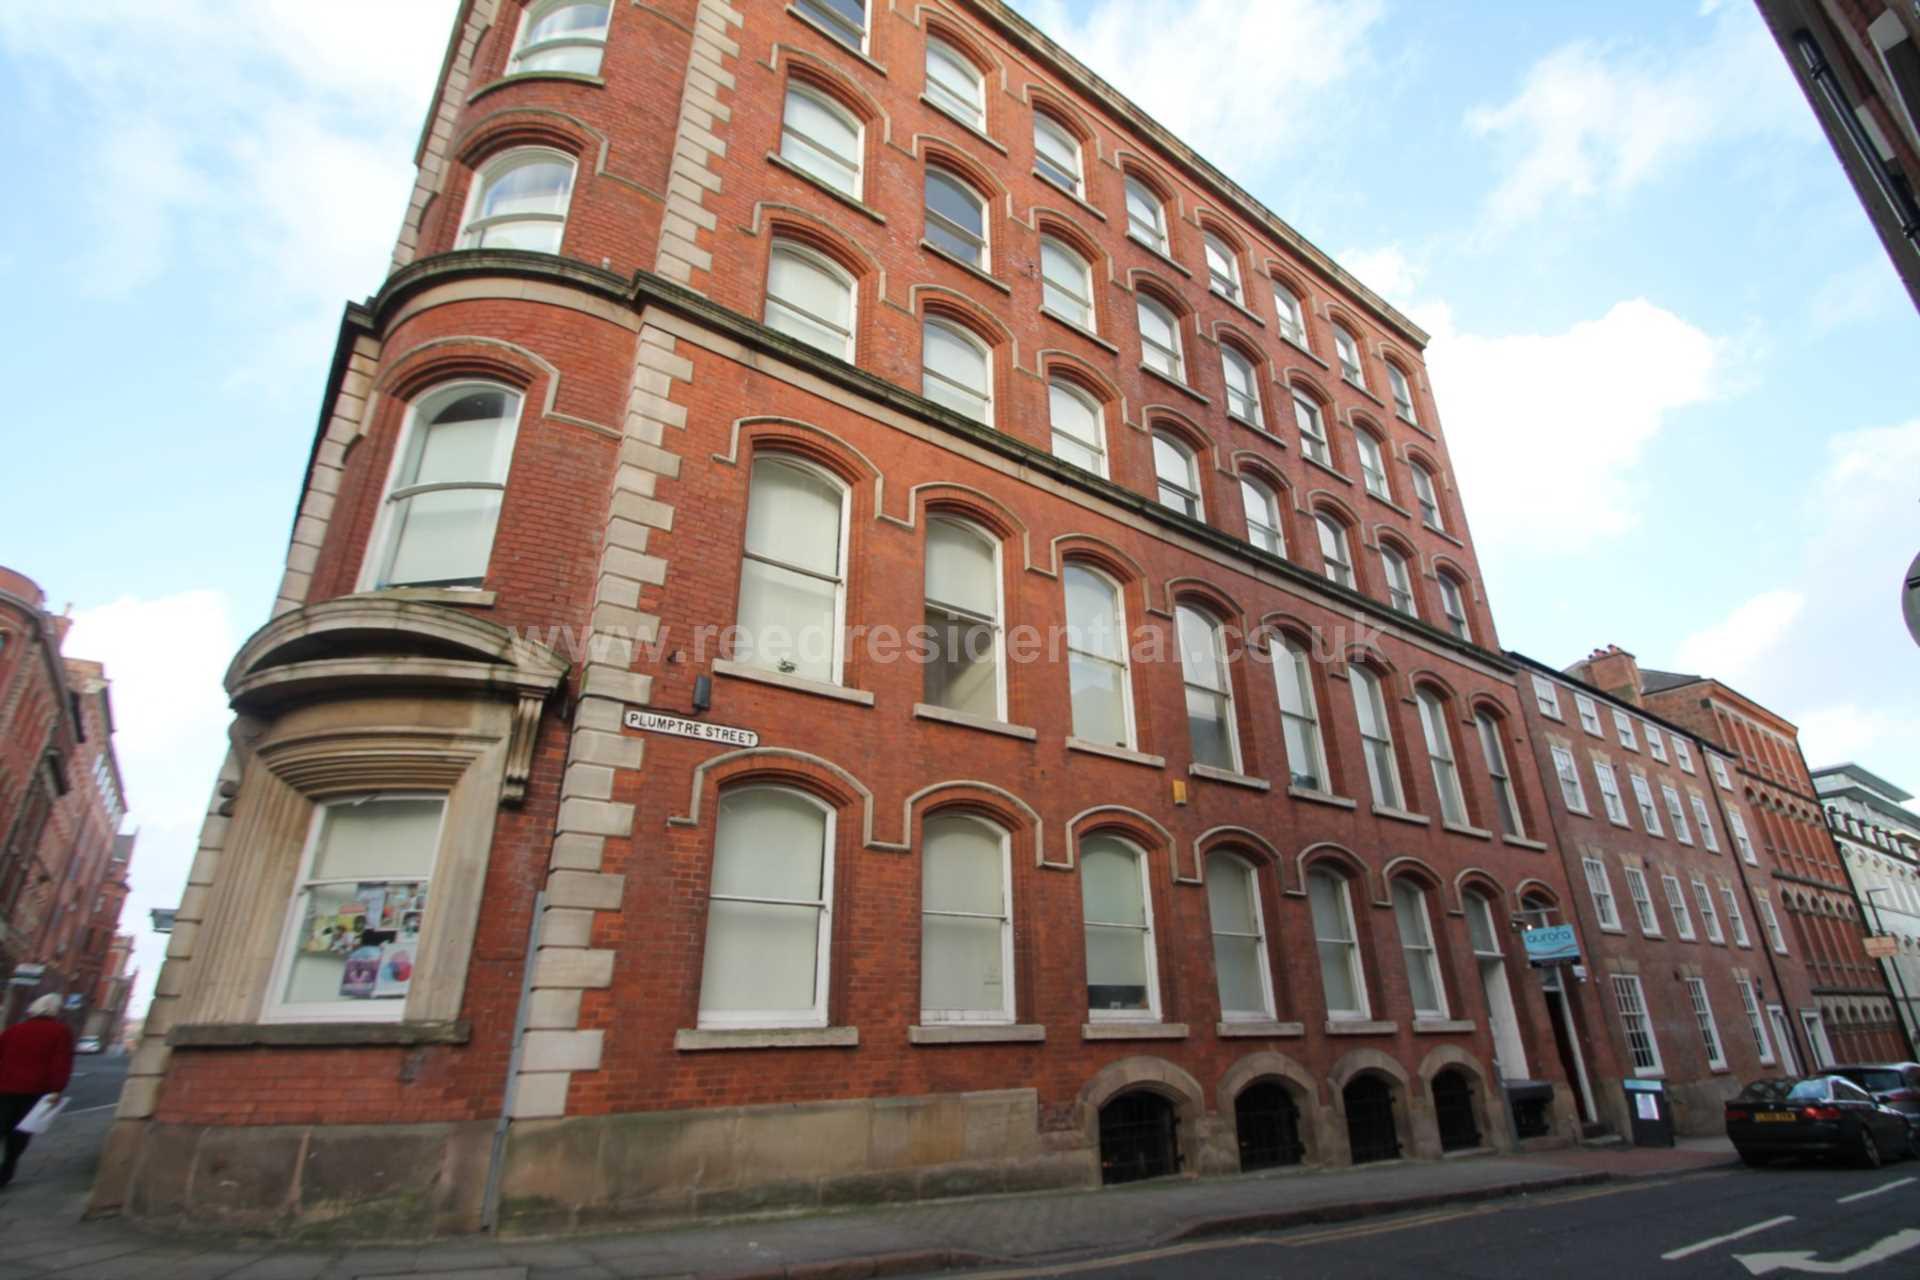 Stoney Street, Nottingham, Image 2